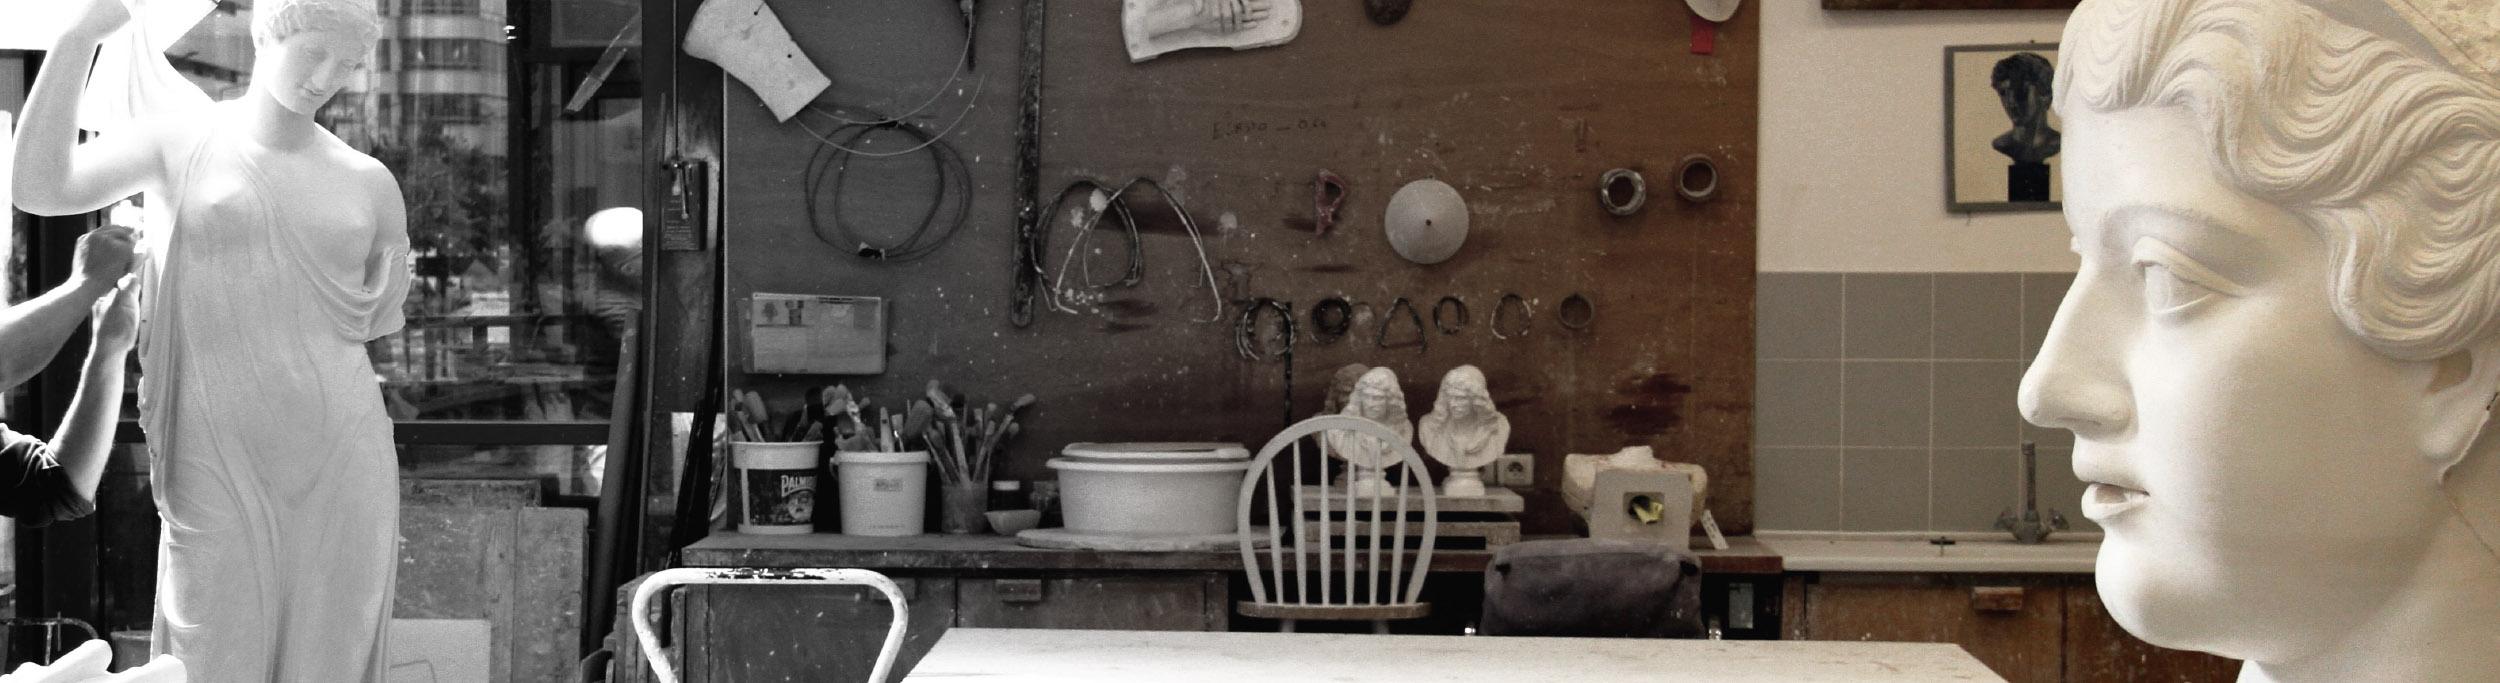 Atelier de moulage des Musées nationaux - Reproduction de sculptures d'art